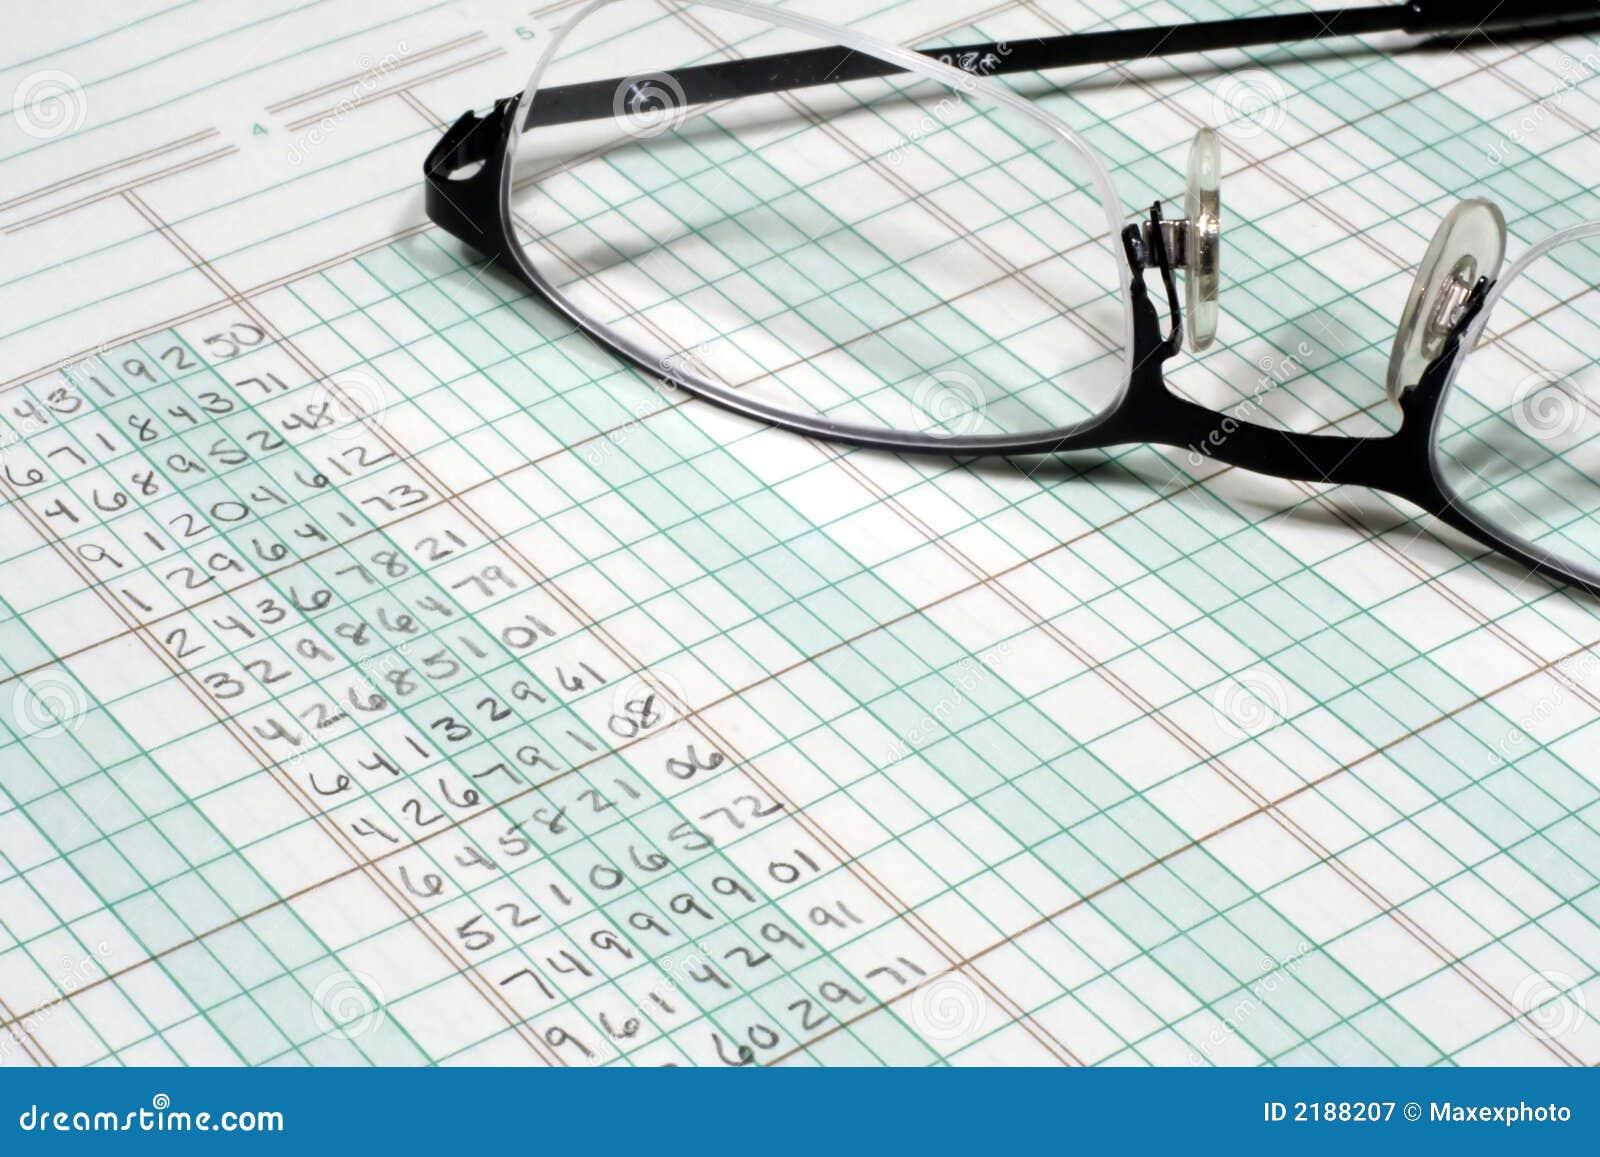 ledger-paper-glasses-2188207.jpg